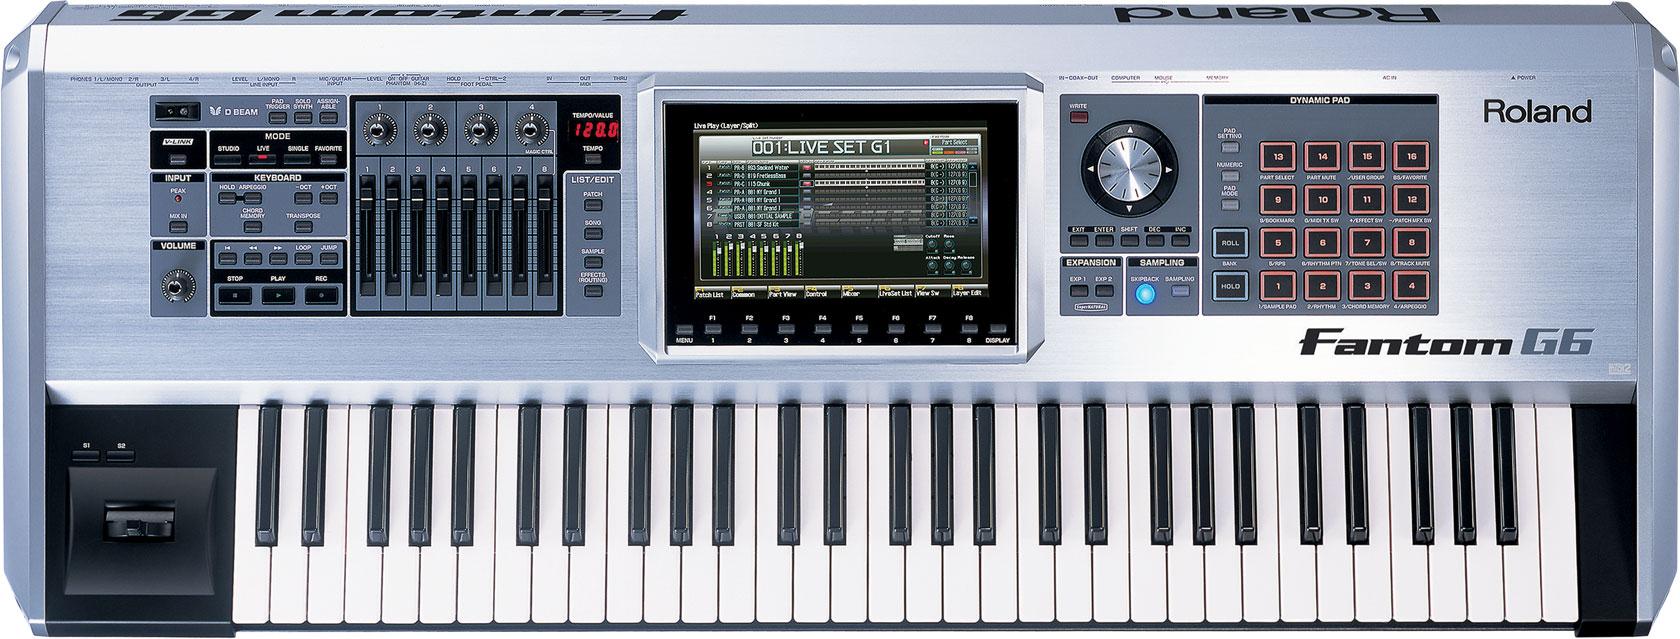 roland fantom g6 workstation keyboard. Black Bedroom Furniture Sets. Home Design Ideas